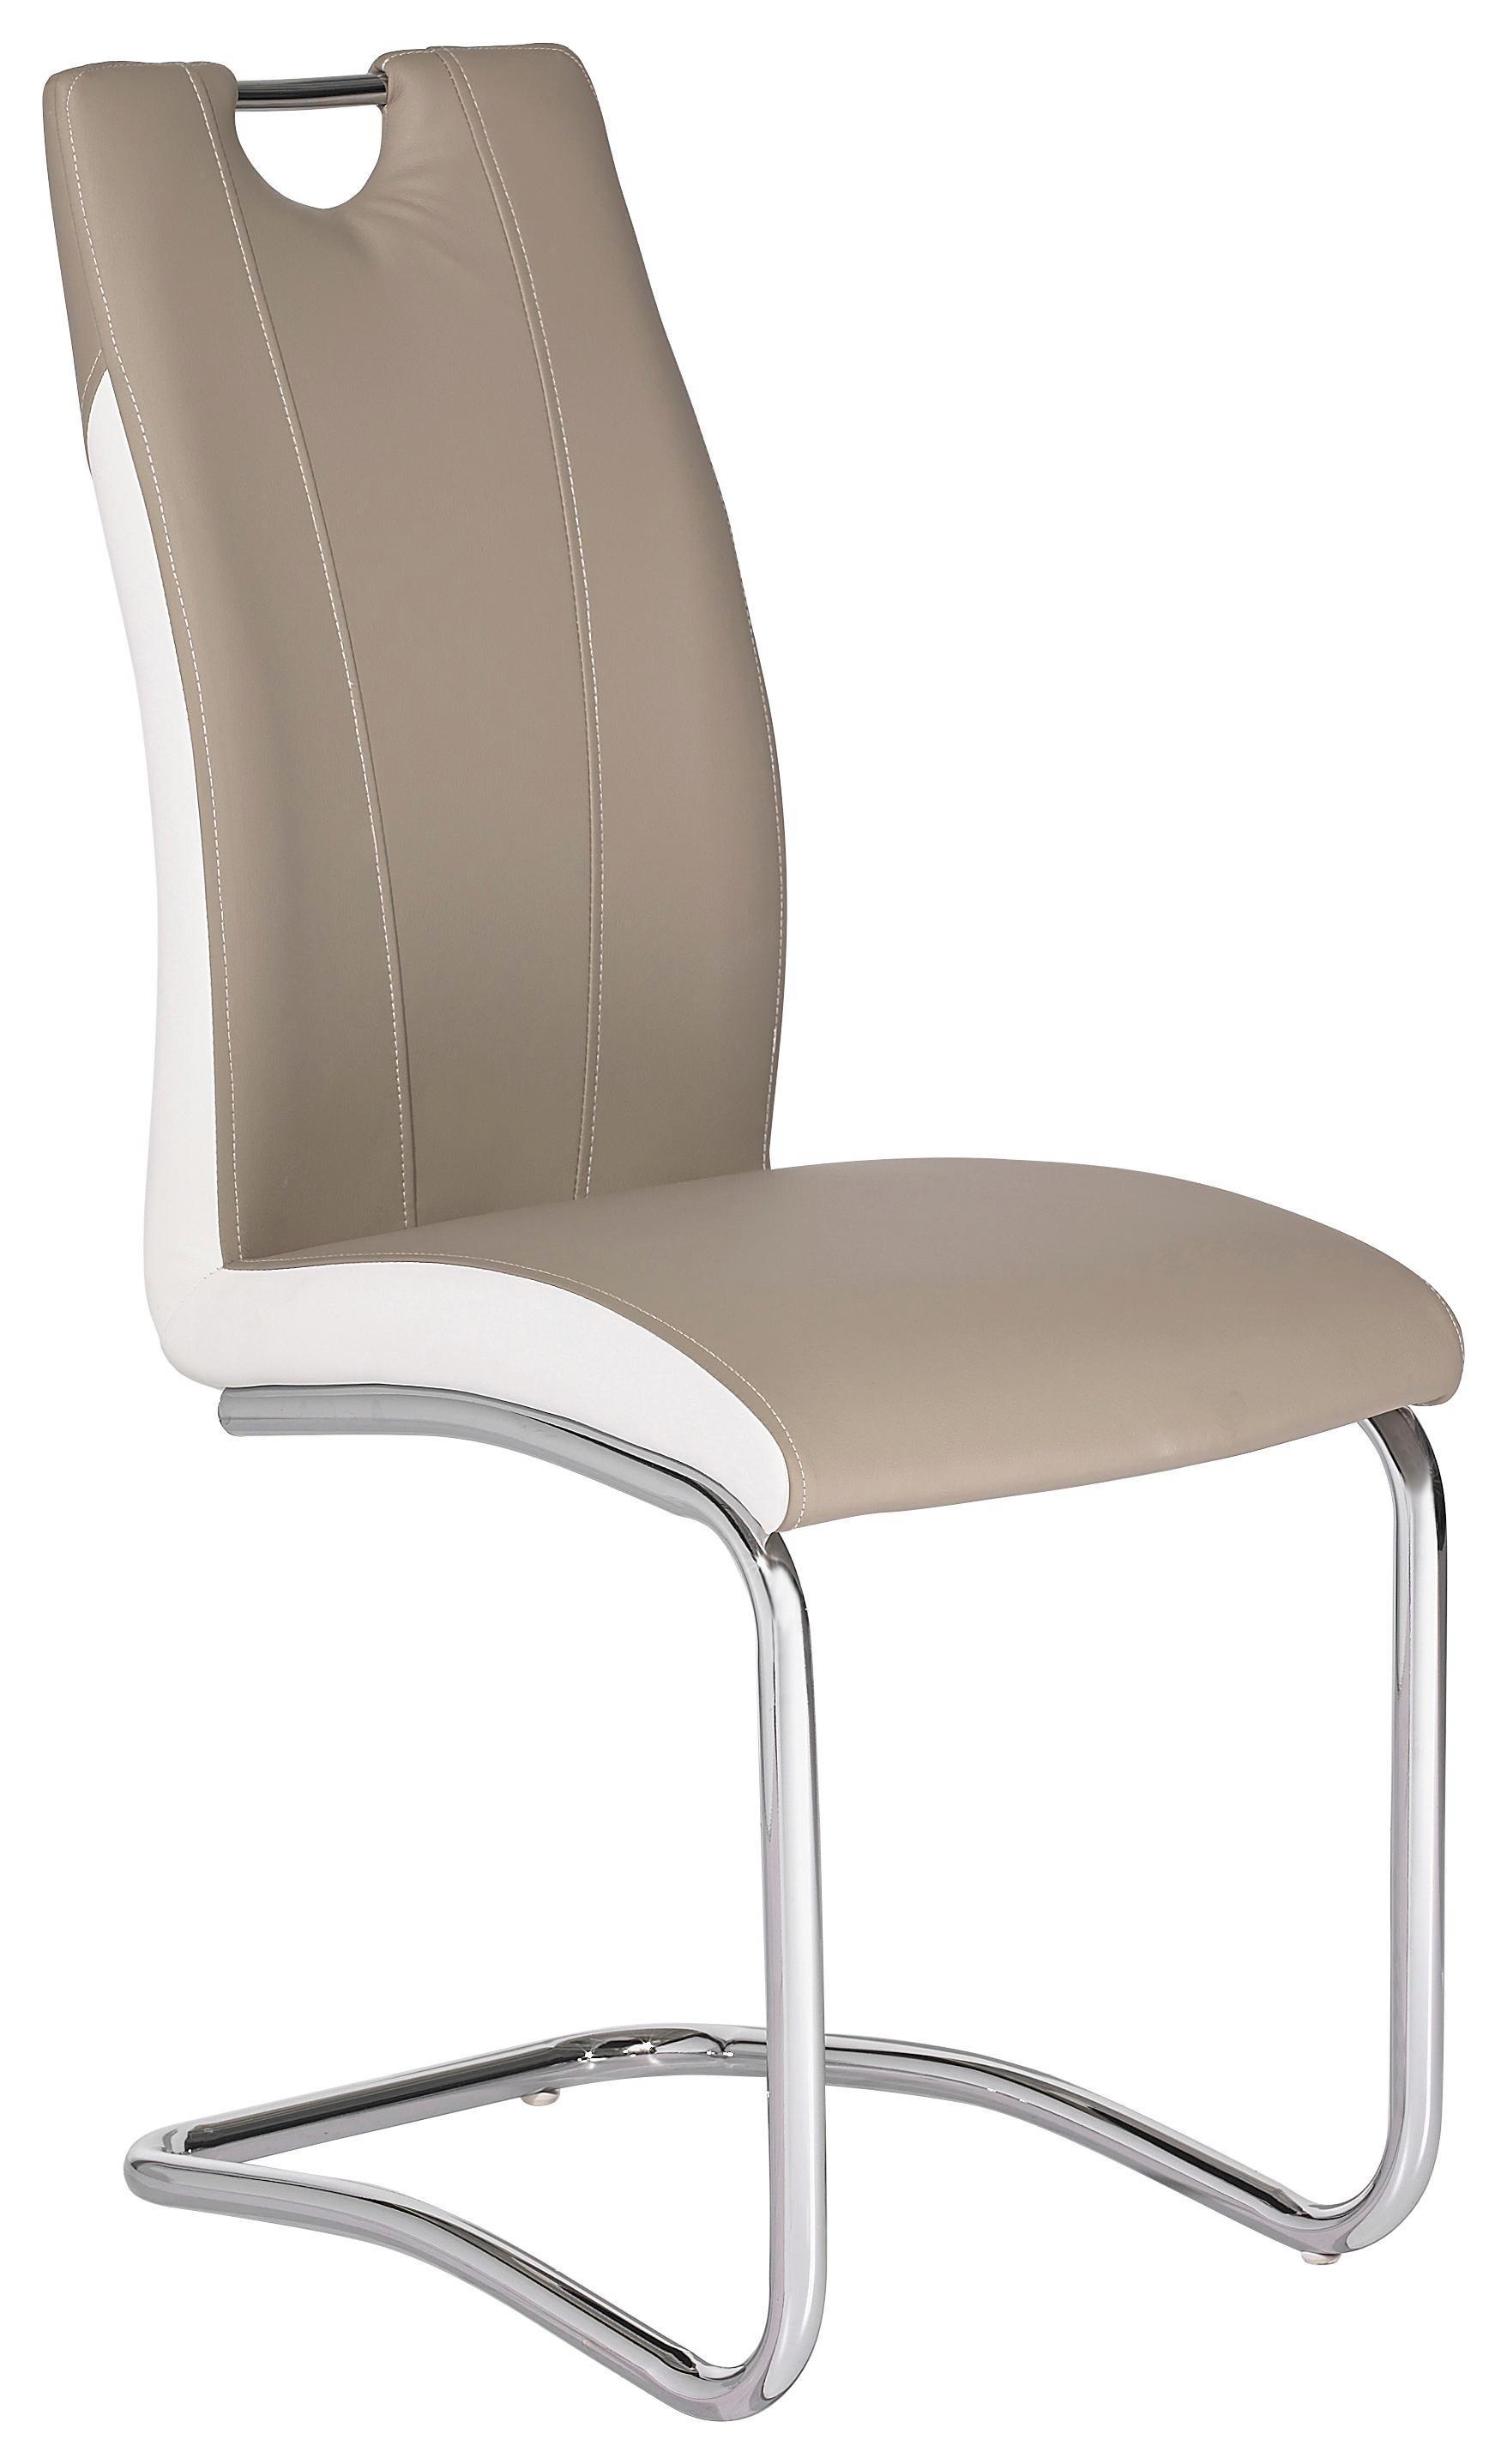 Unglaublich Esstisch Stühle Schwarz Das Beste Von